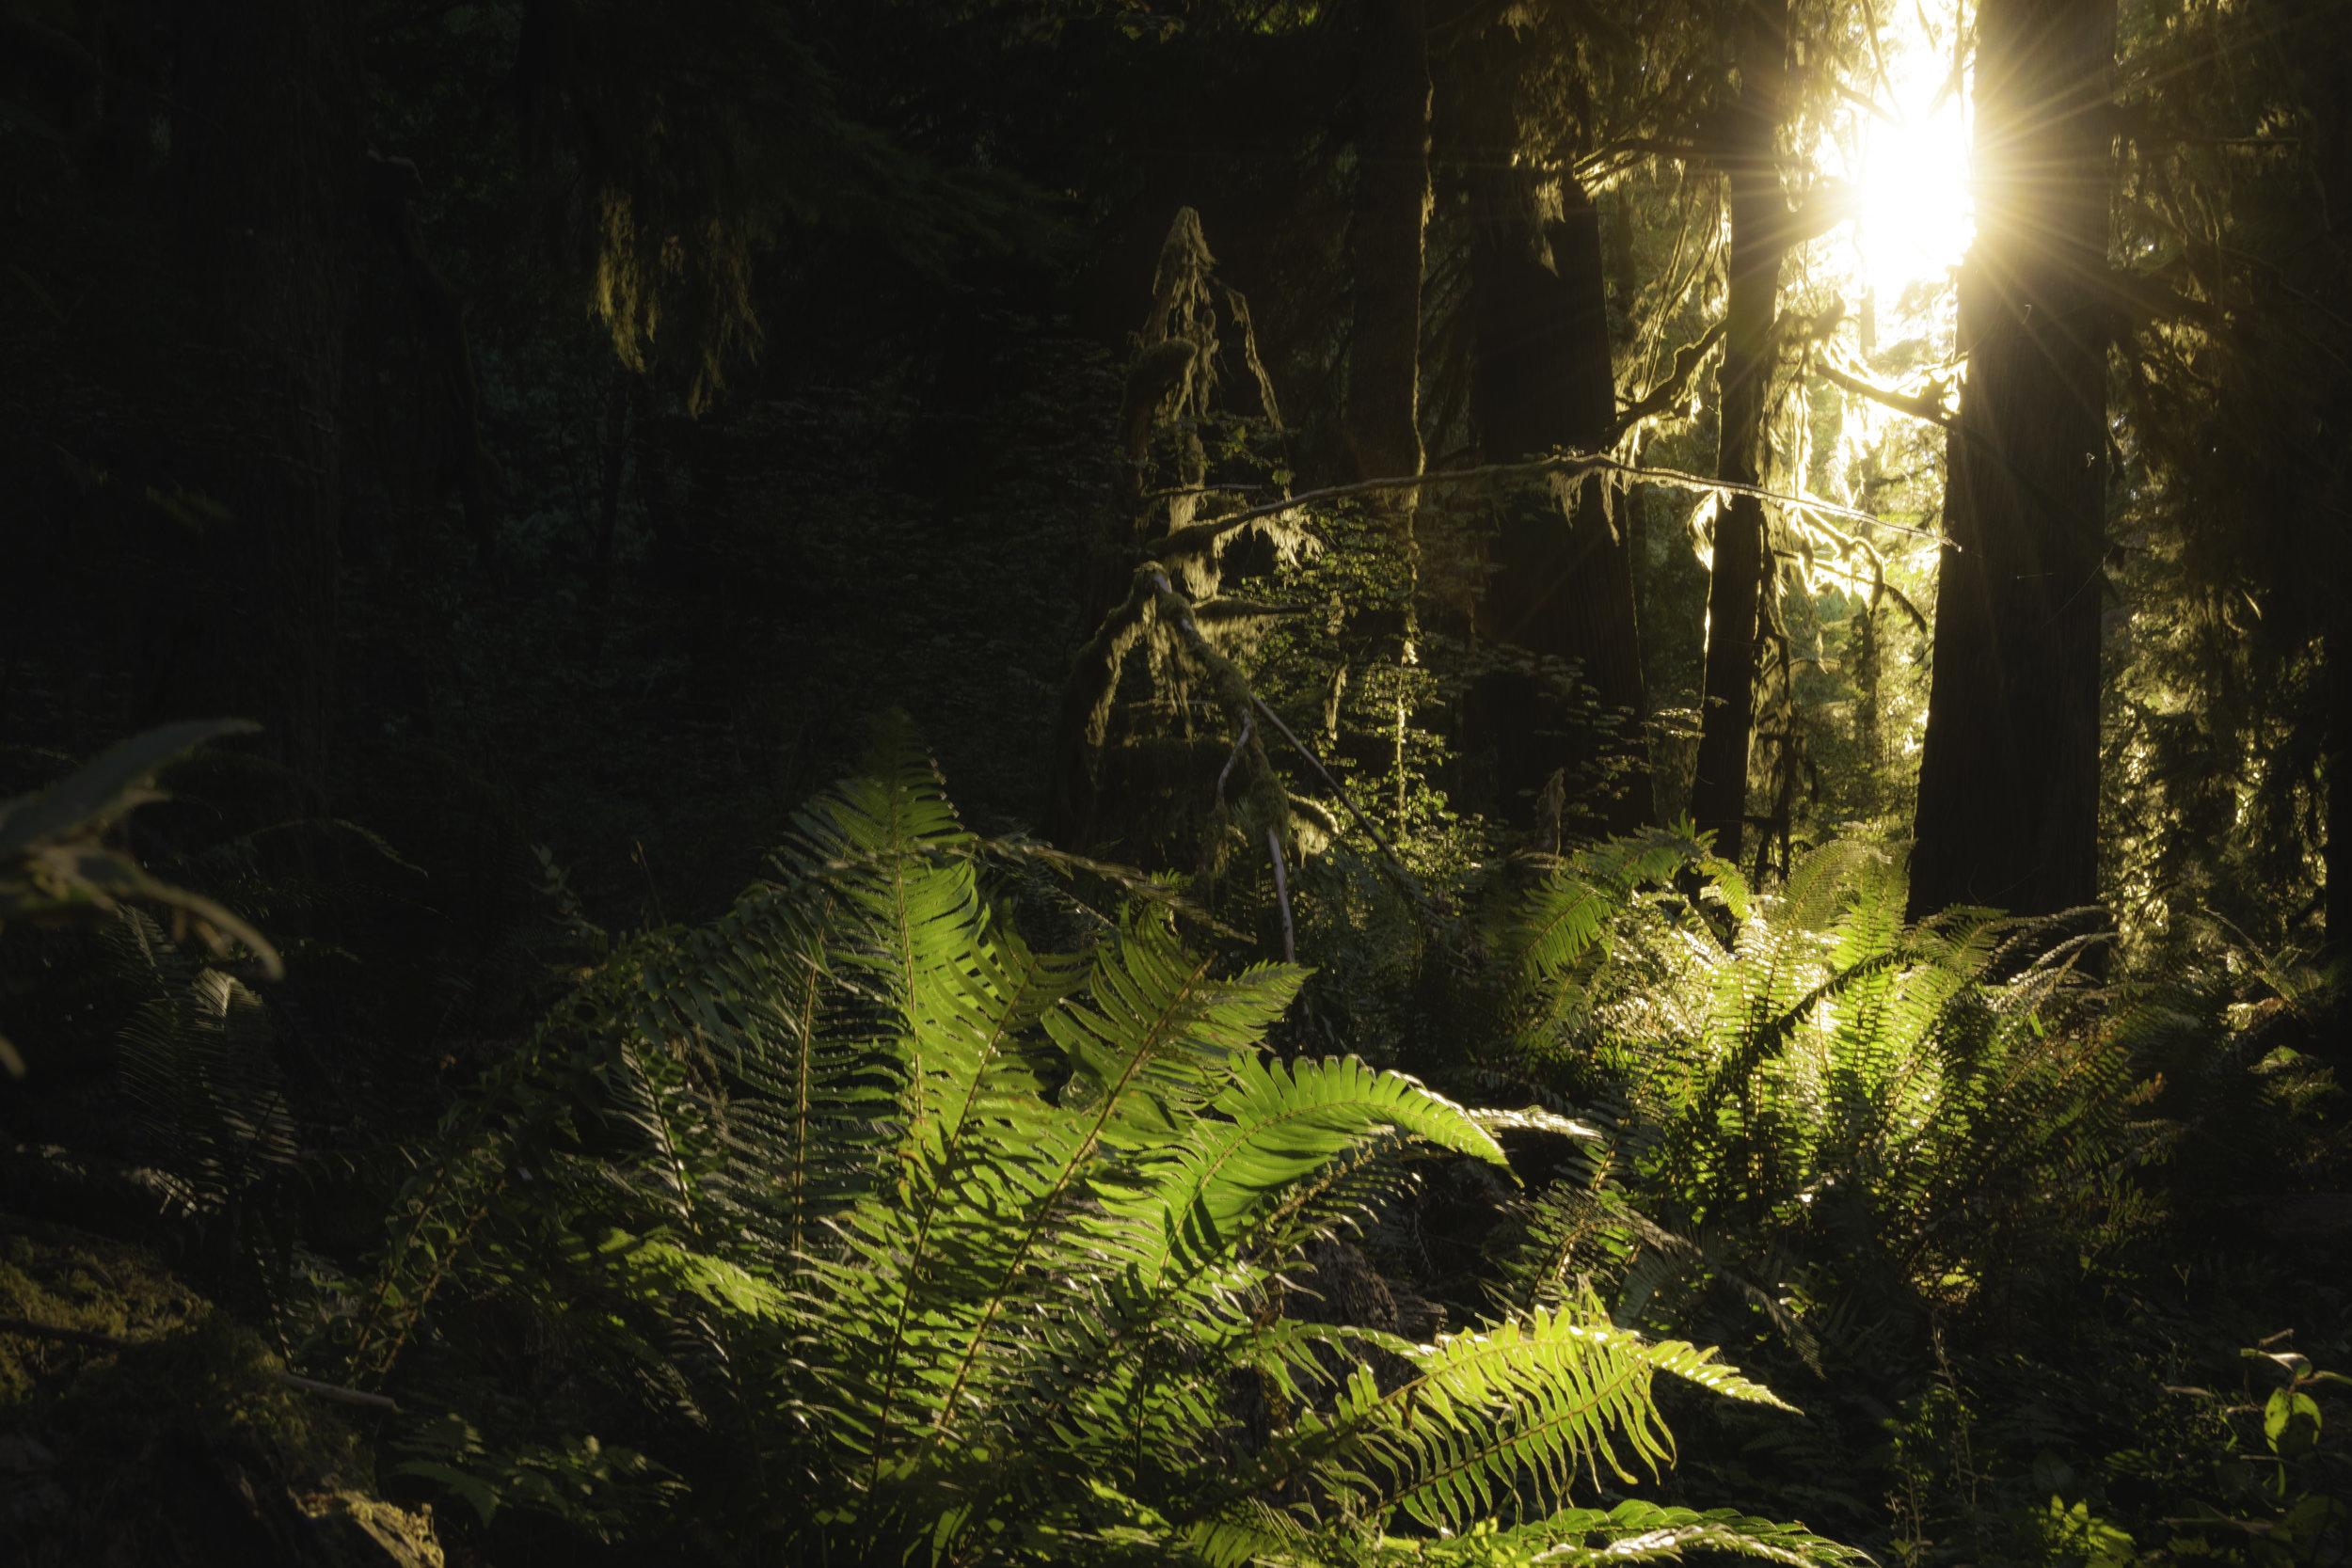 Rainforest Sun.jpg